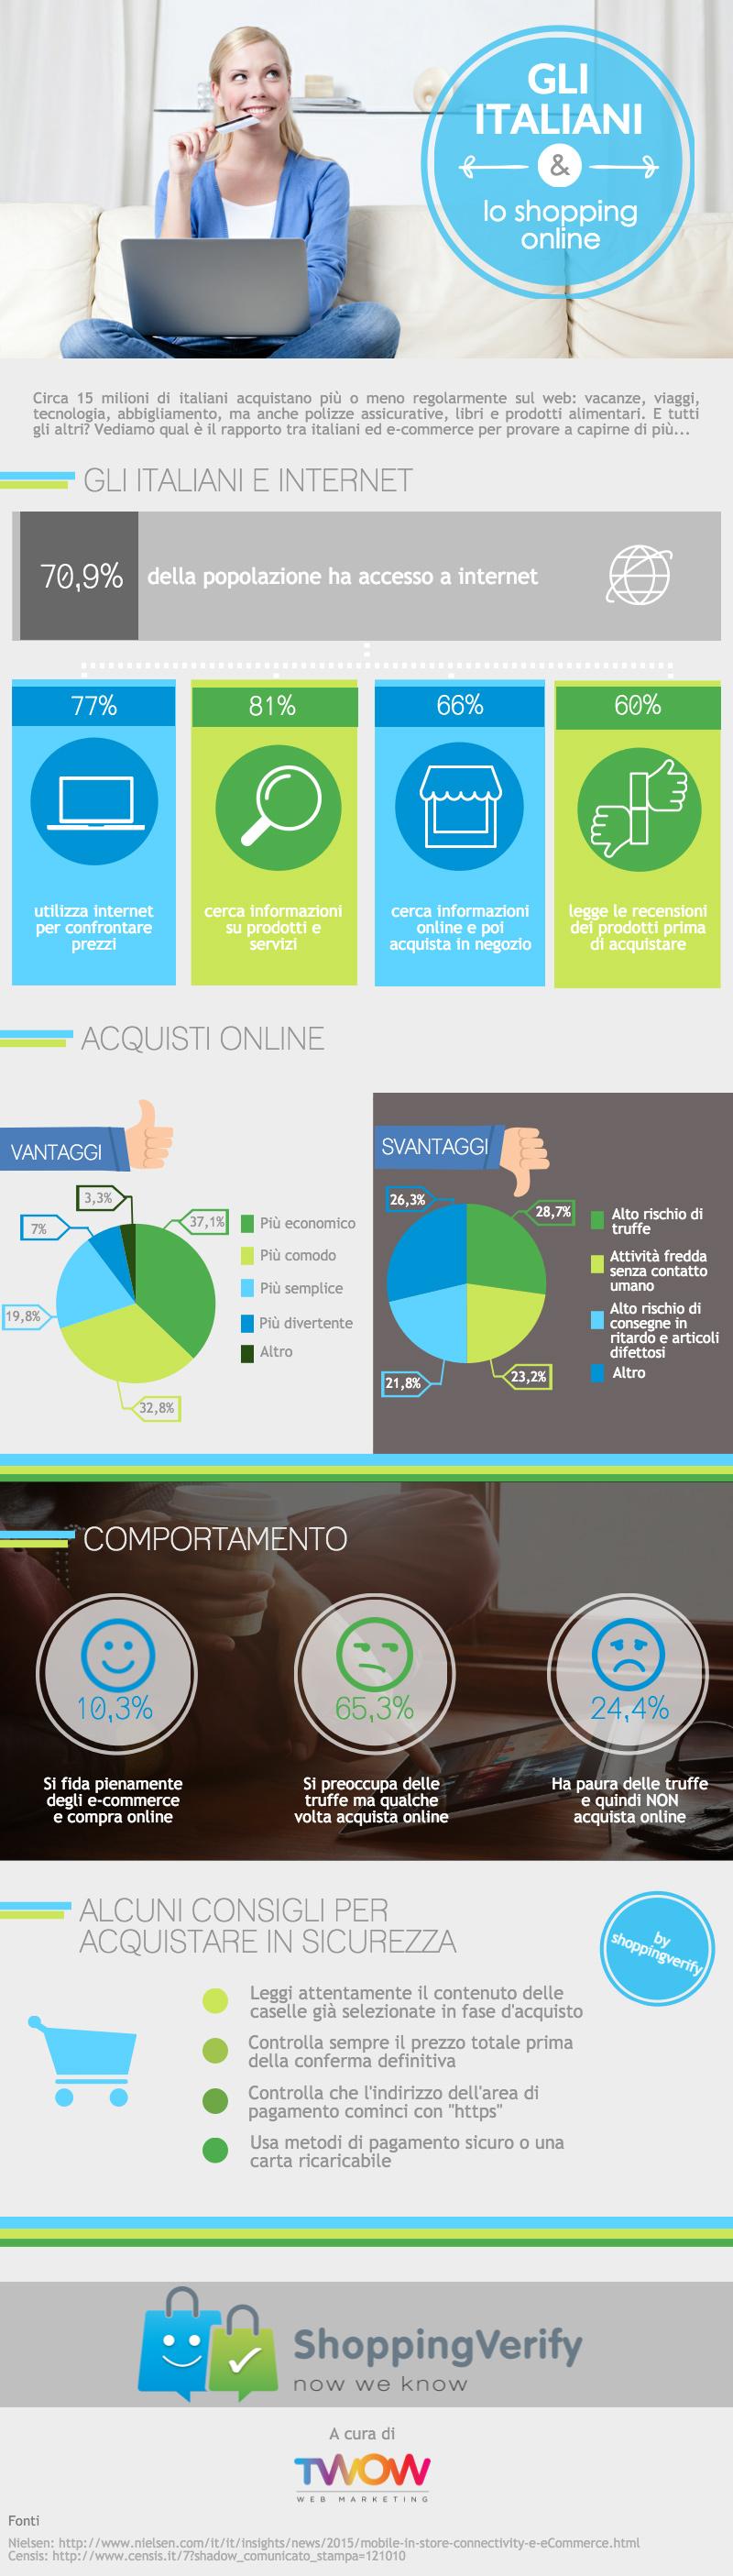 Infografica ecommerce ShoppingVerify - Importanza delle recensioni per ecommerce